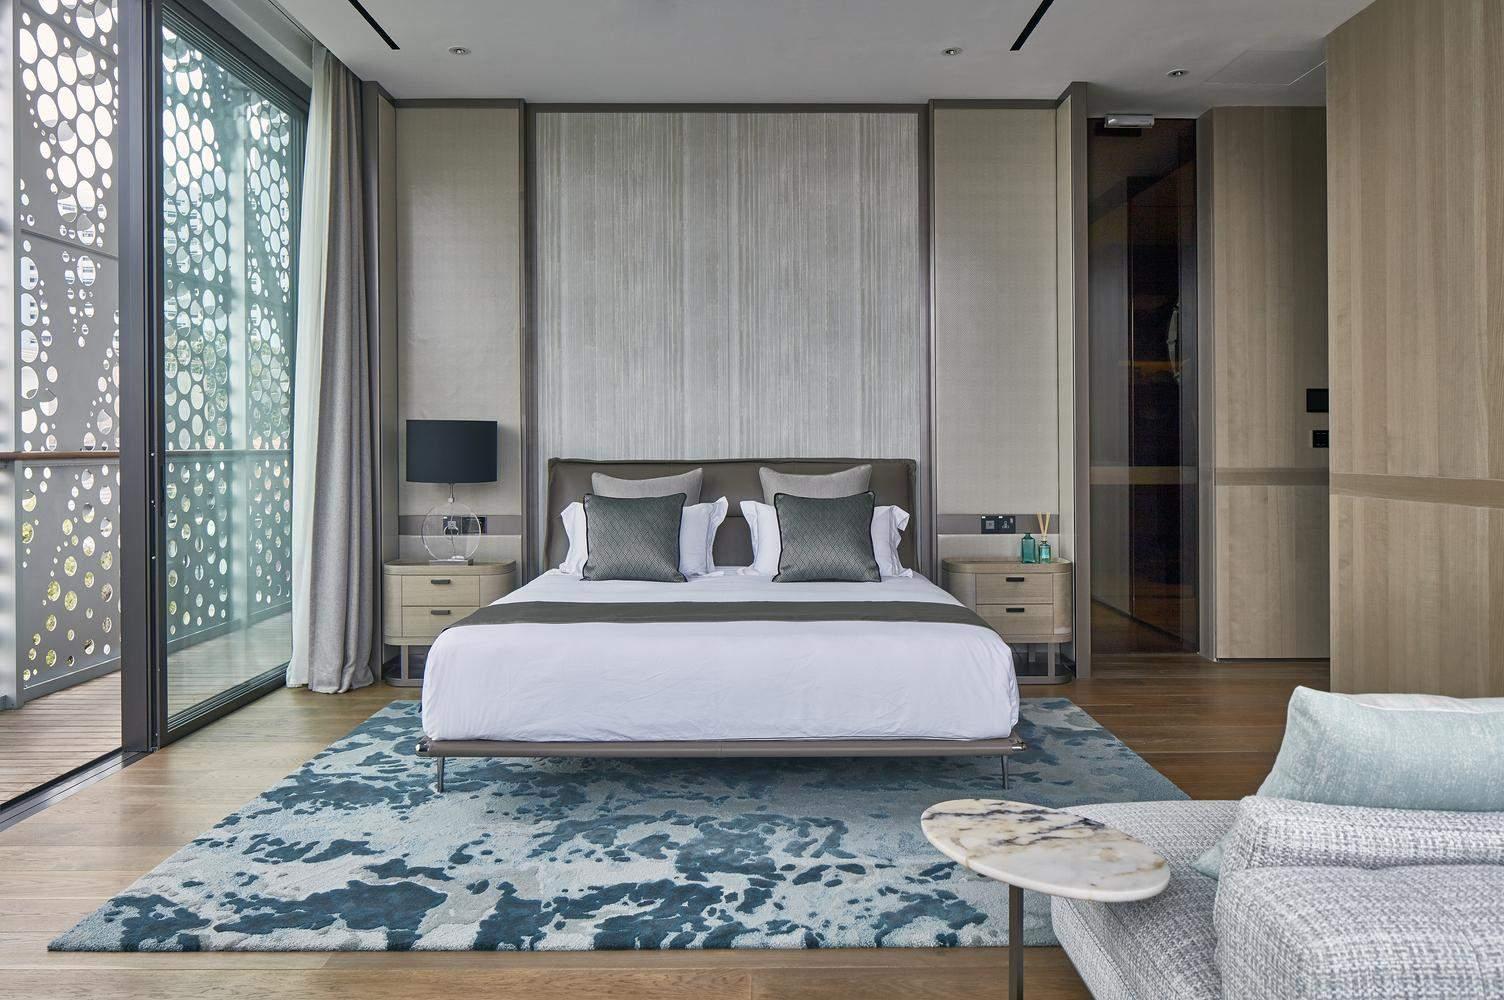 Спальня виглядає доволі мінімалістично / Фото Archdaily